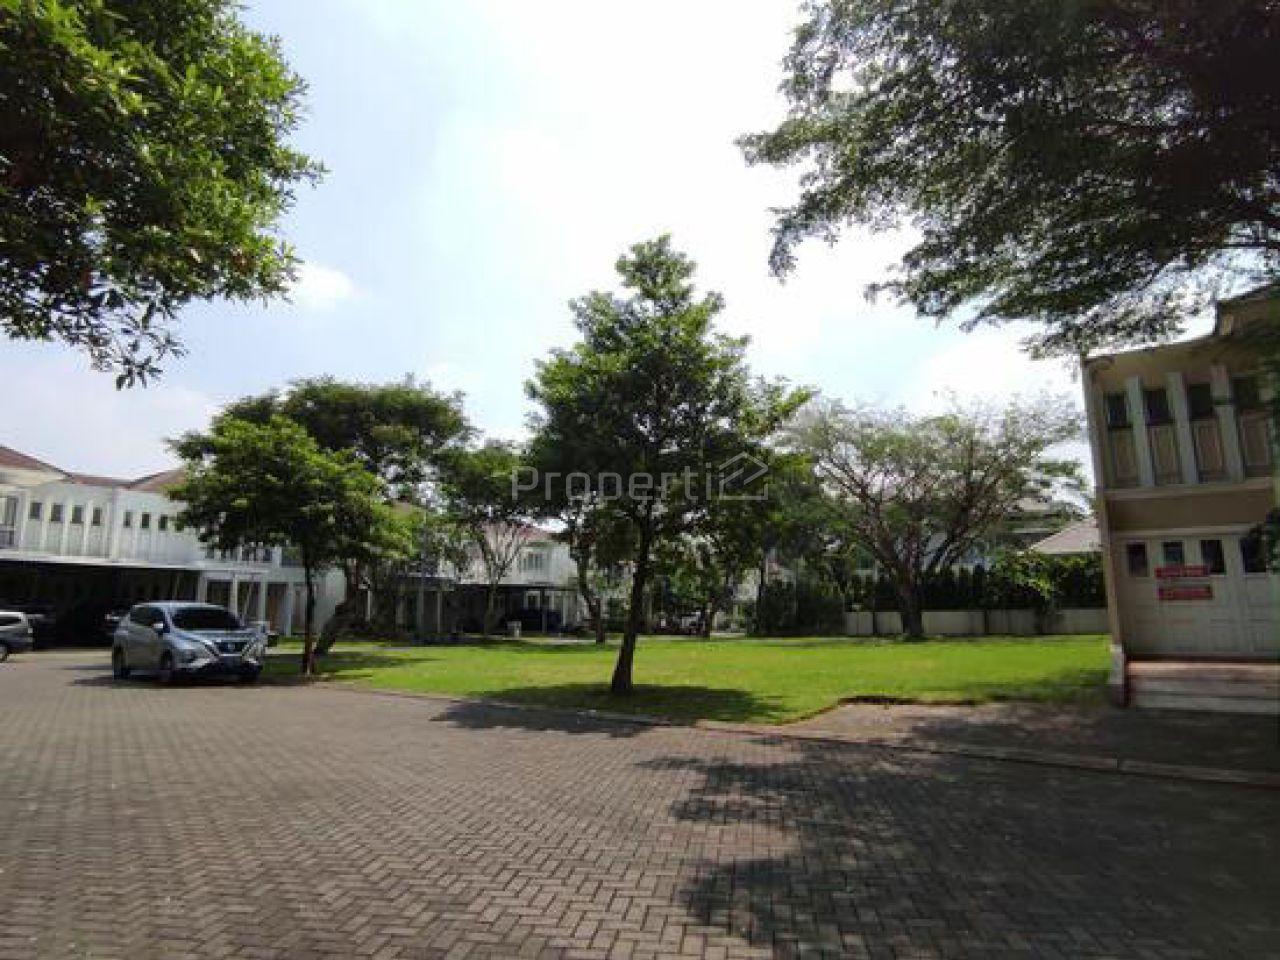 Plot Land at deFrangipani, dePark, BSD City, Pagedangan